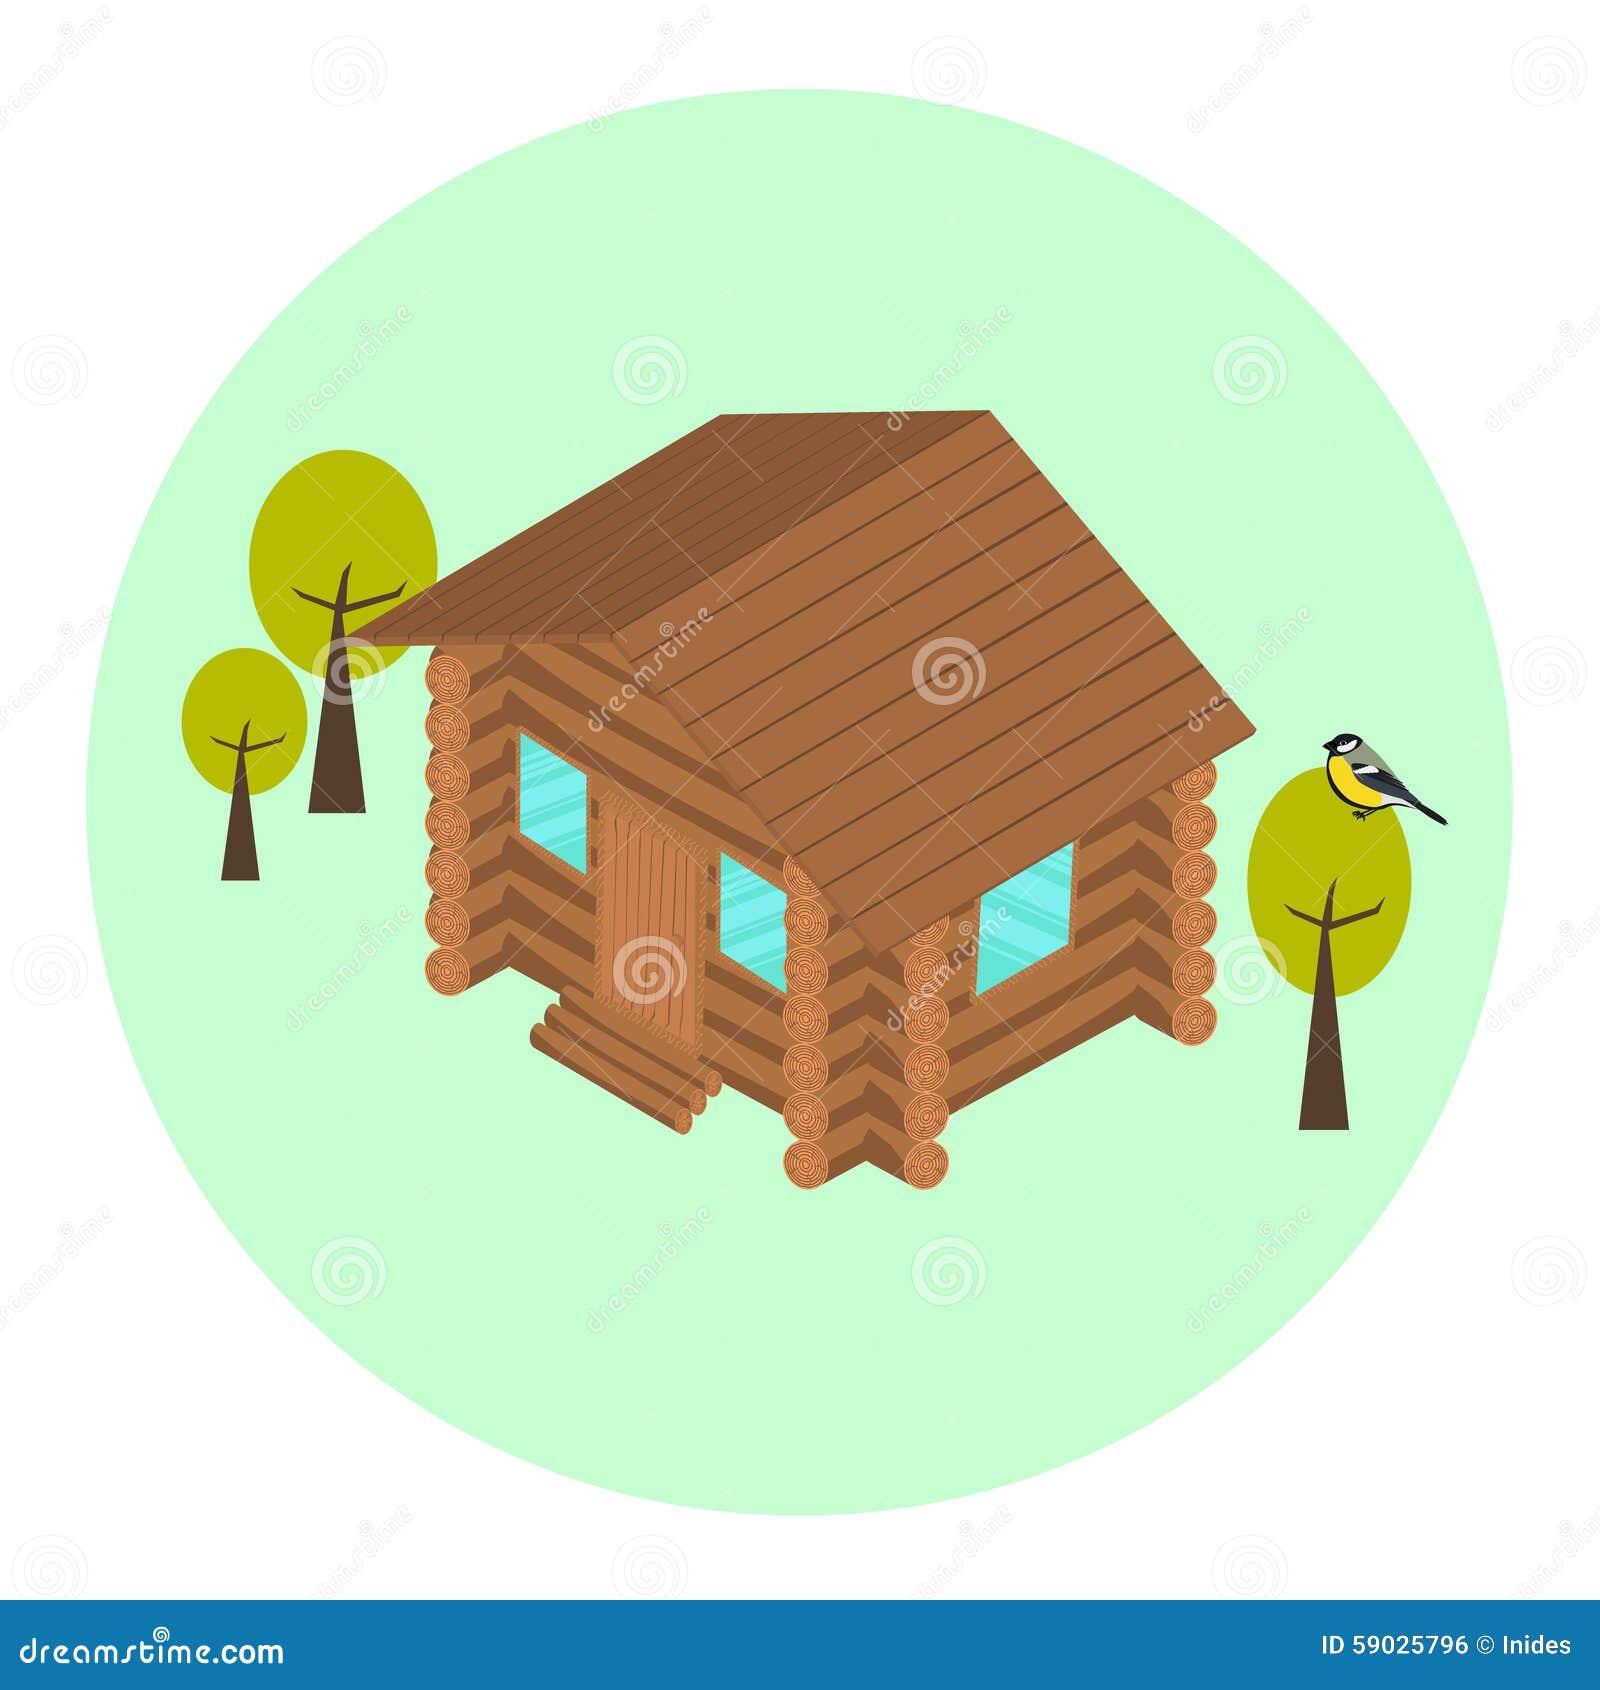 Icona isometrica della casa del ceppo di legno for Piani economici della cabina di ceppo